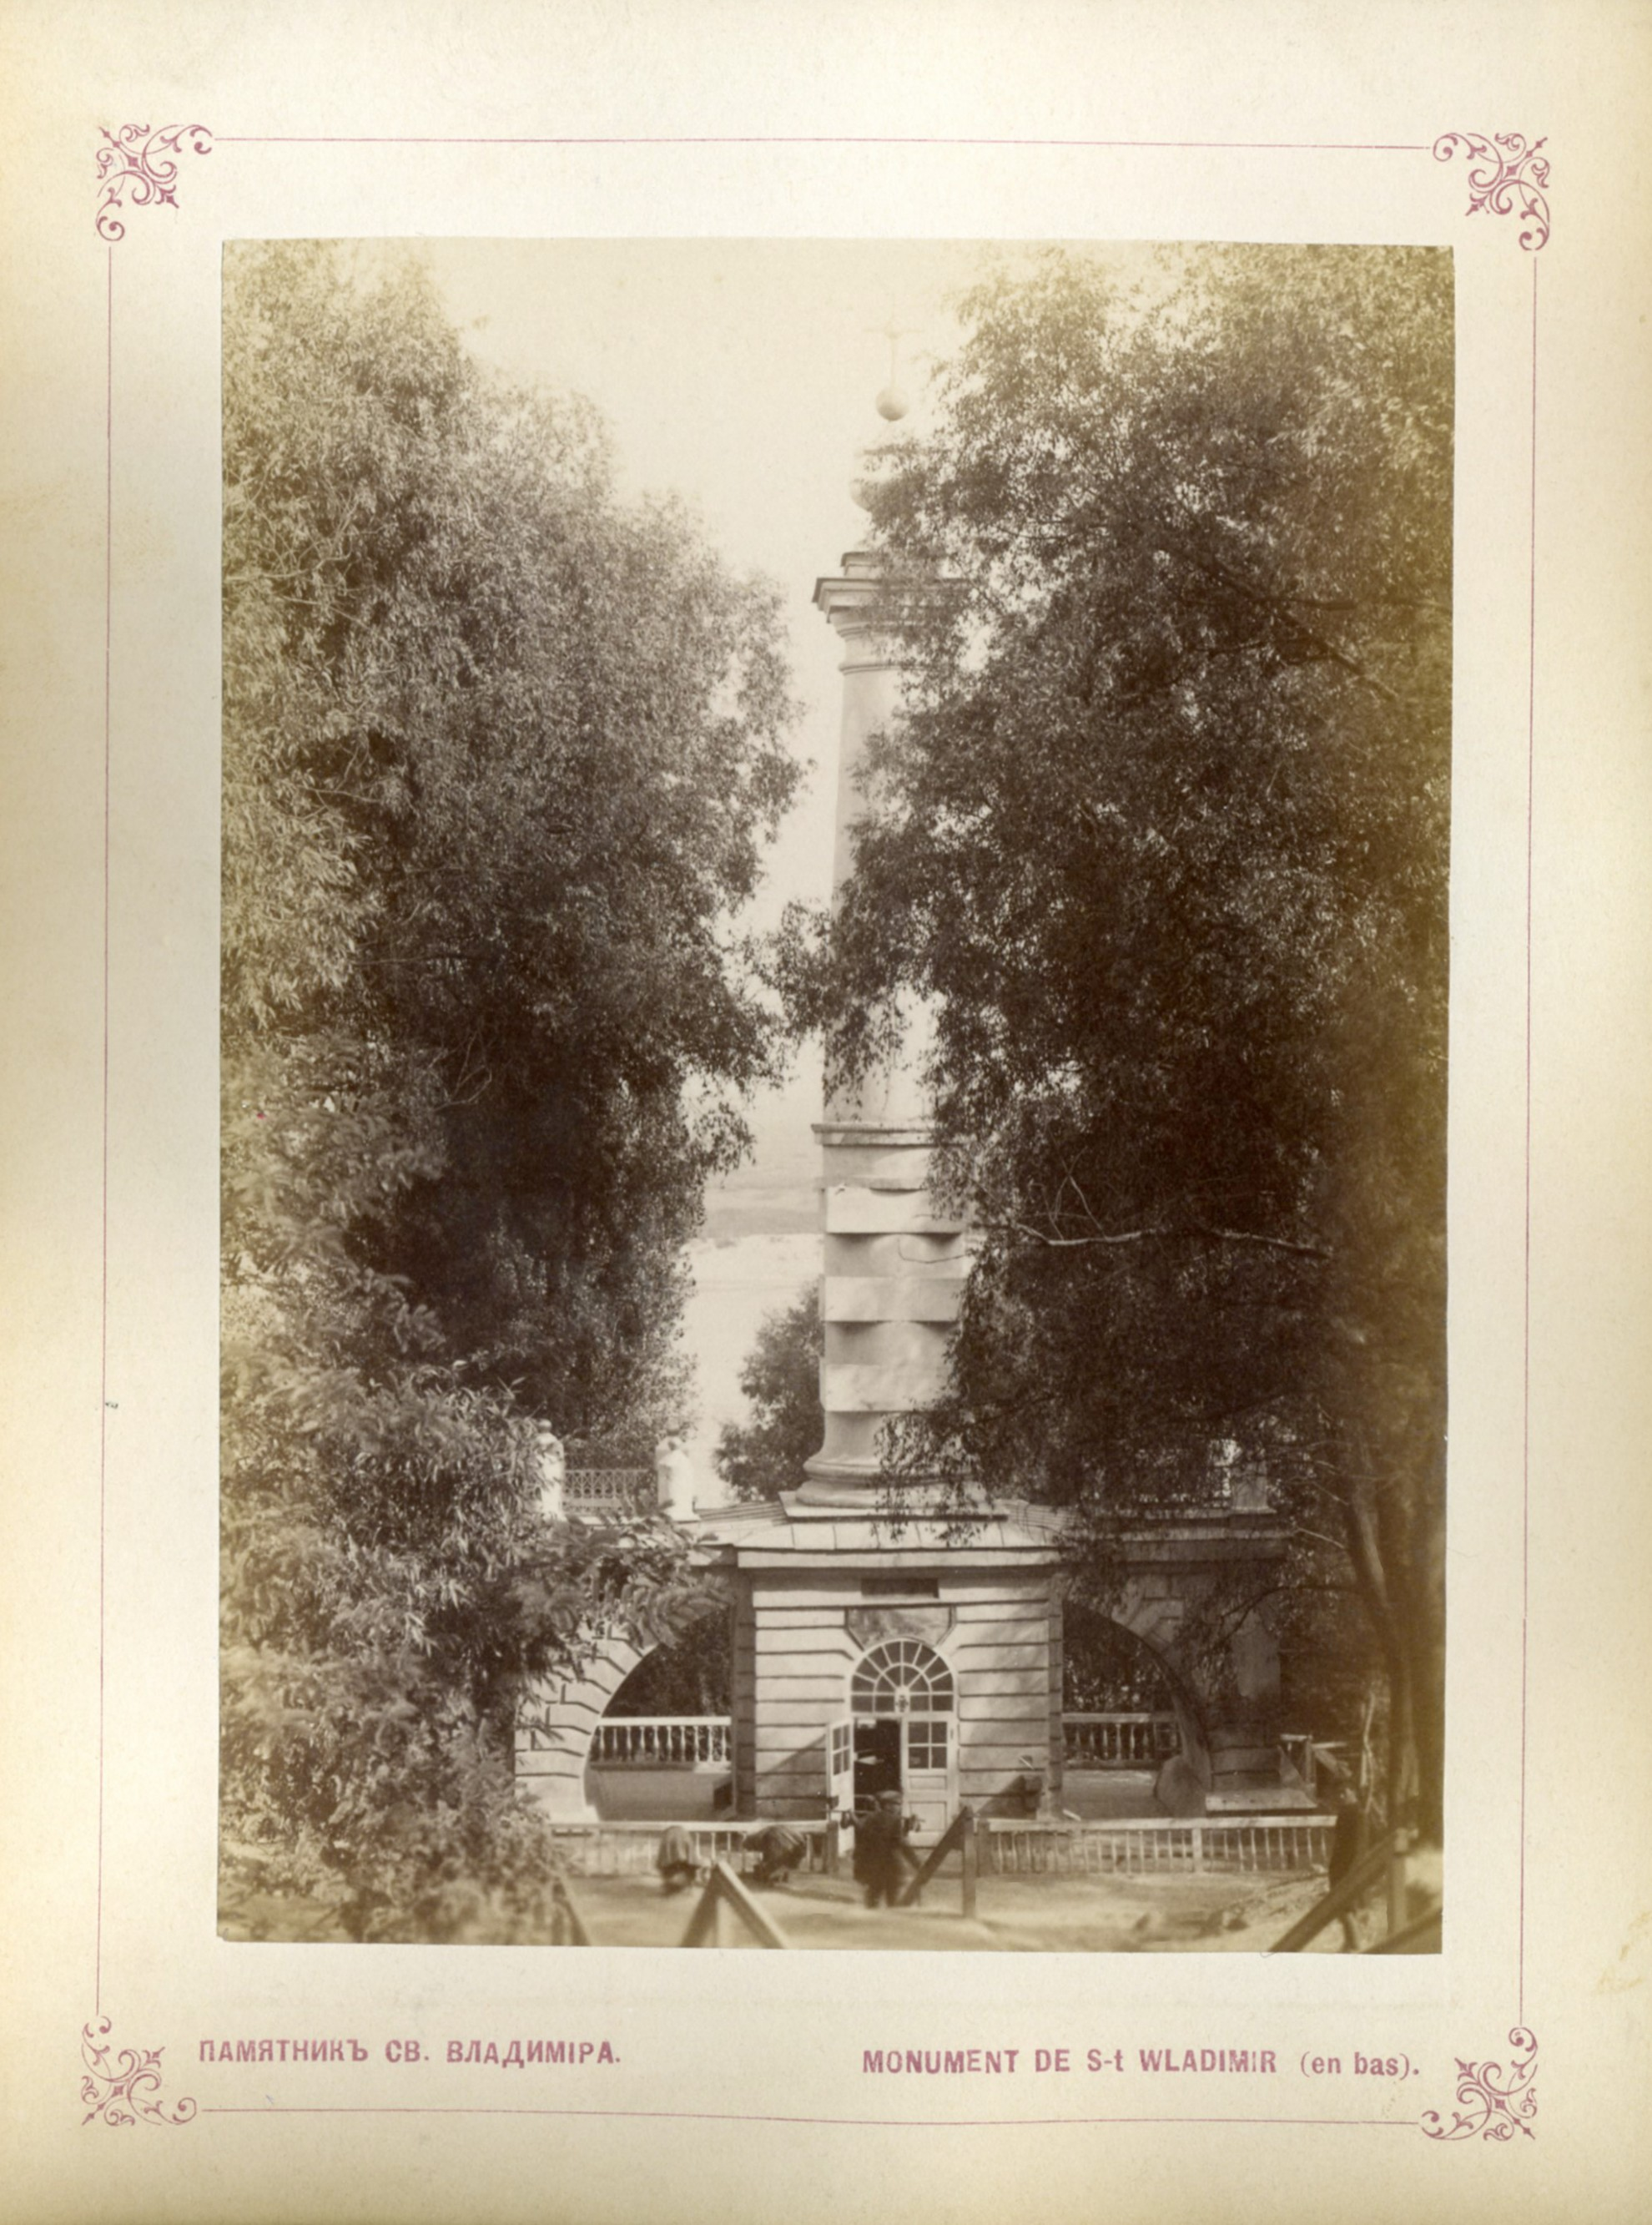 Памятник св Владимира